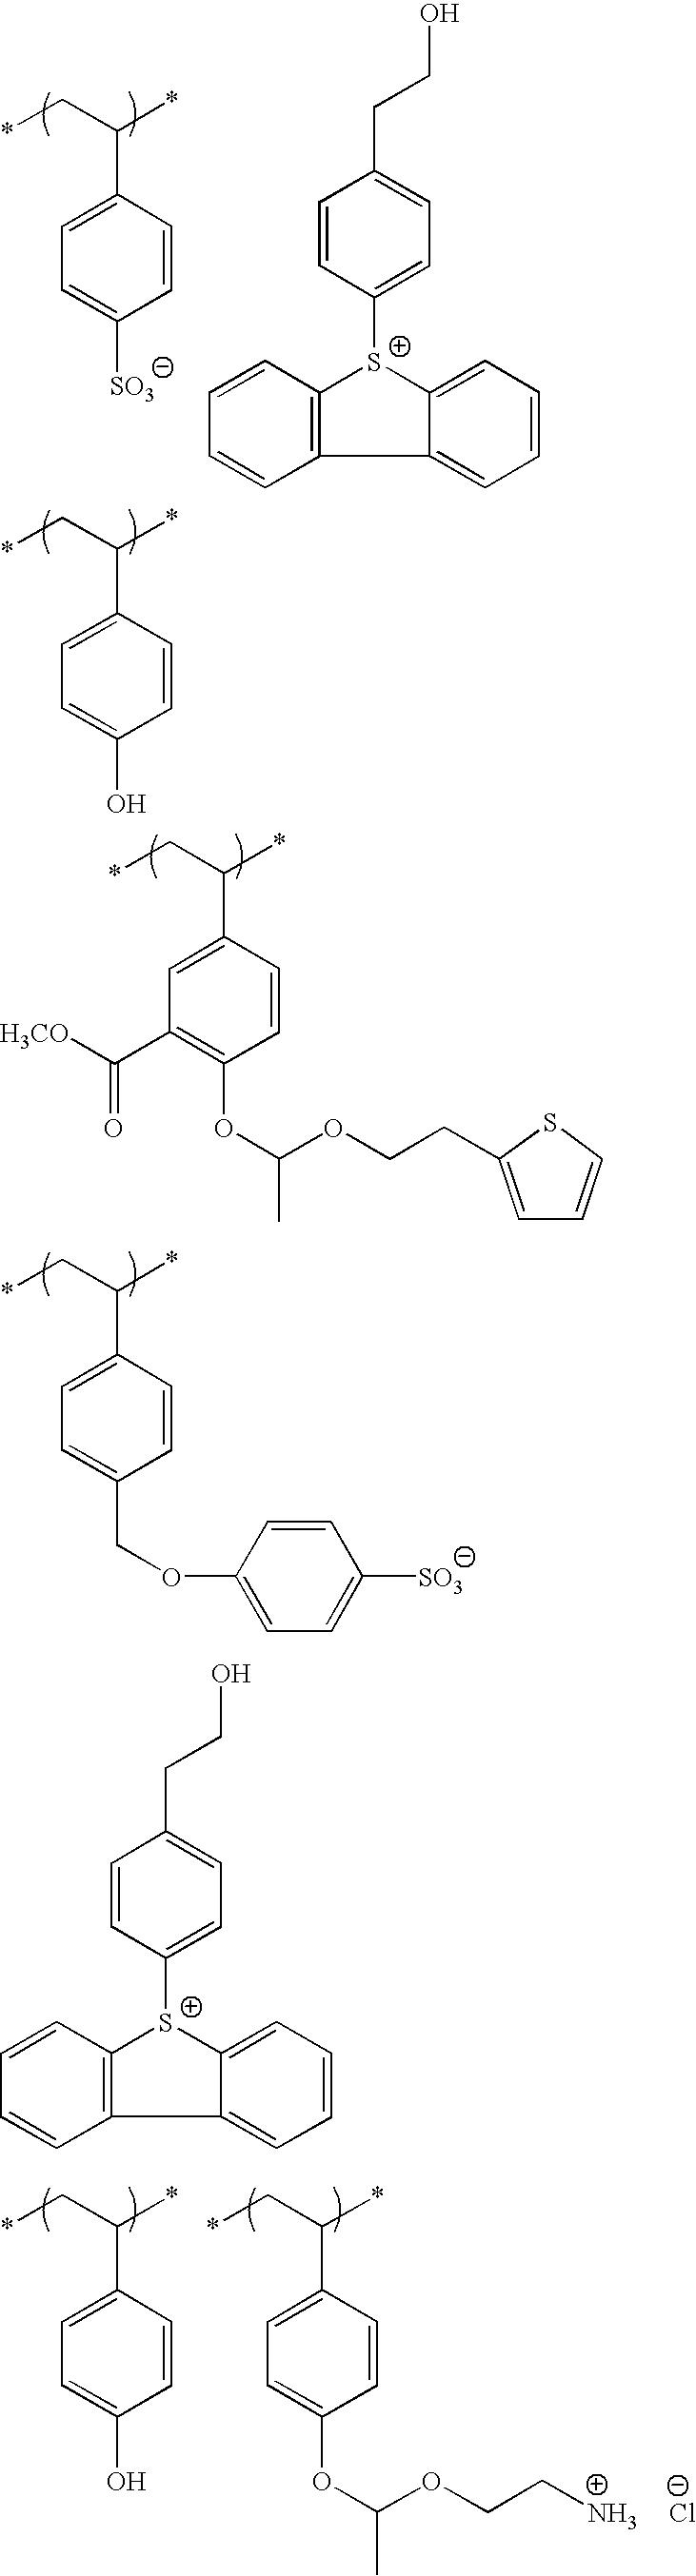 Figure US20100183975A1-20100722-C00172